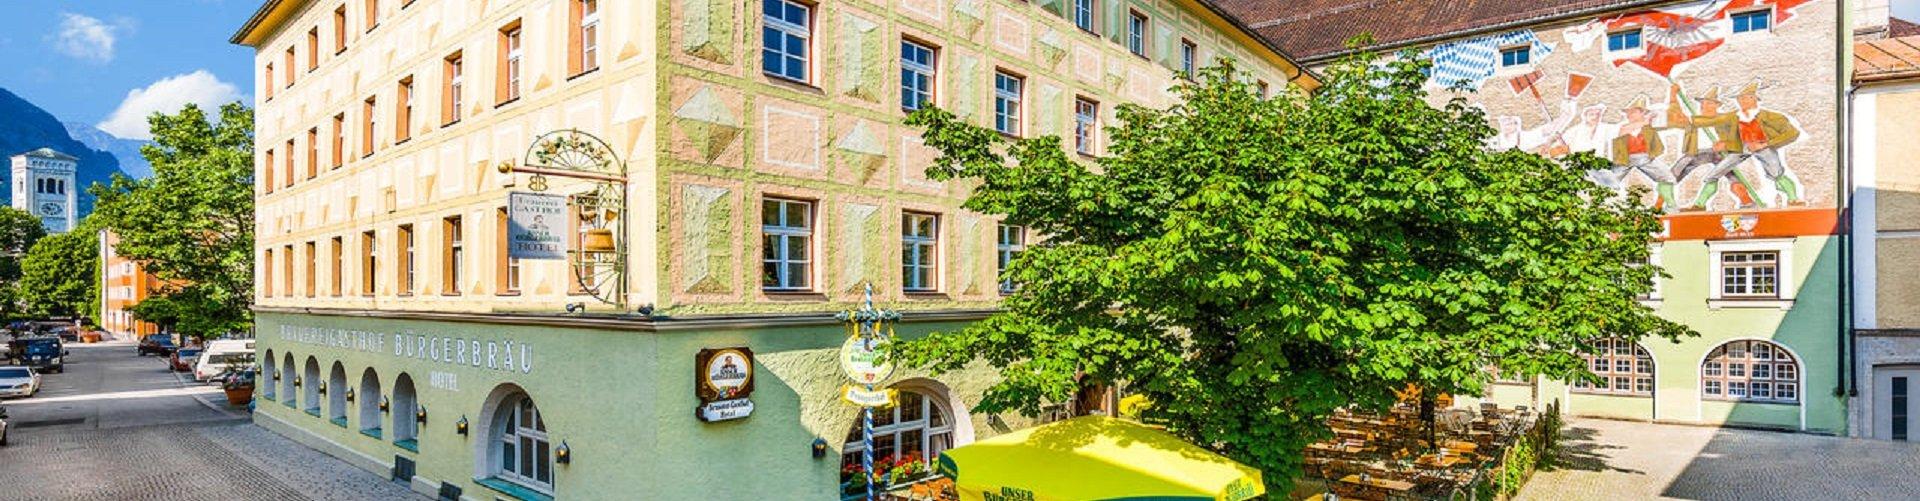 Brauereigasthof Banner